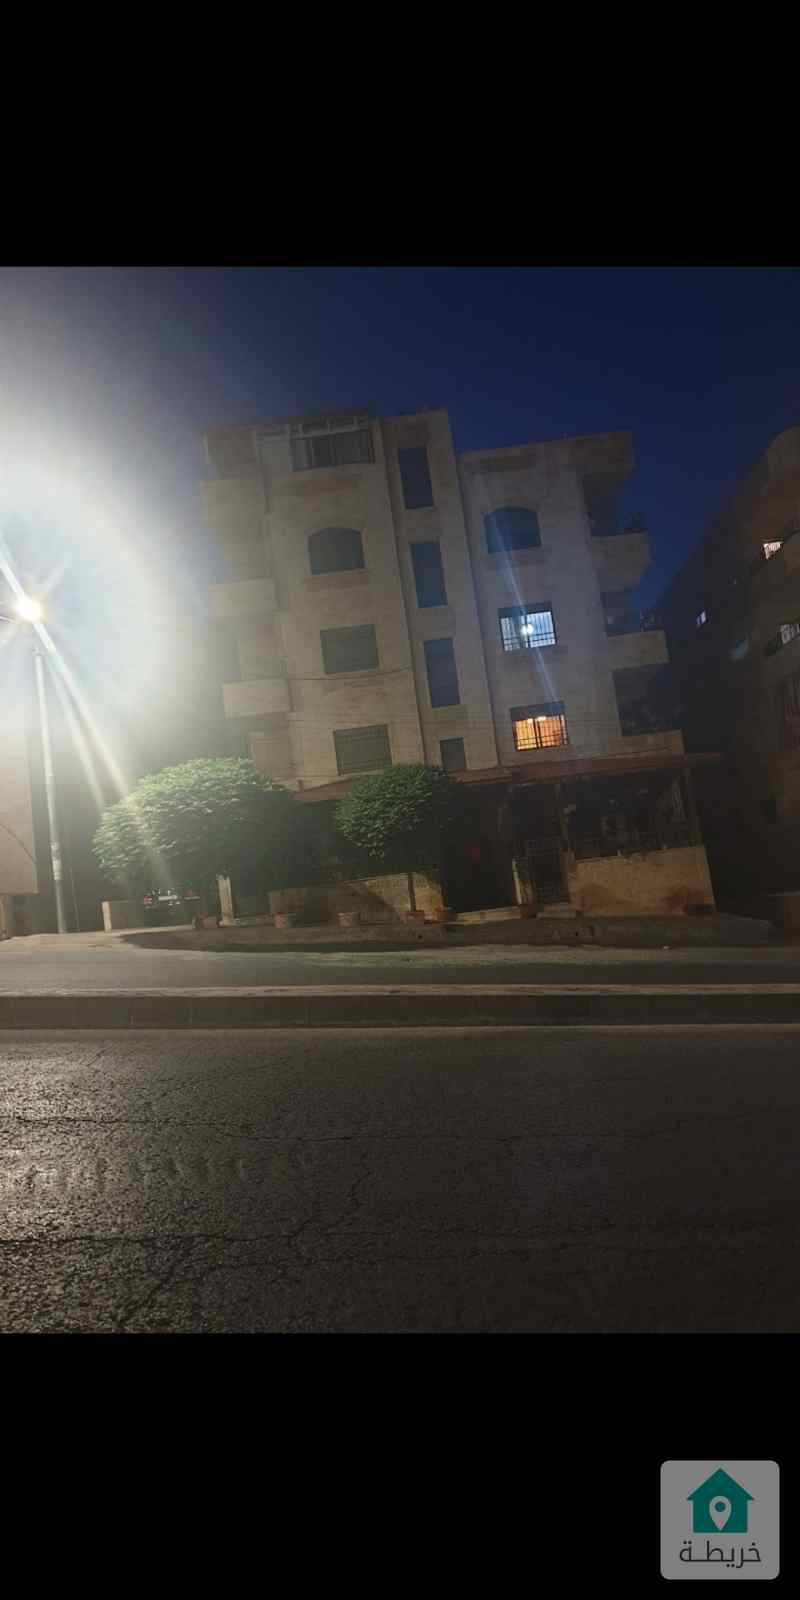 شقة للبيع المستعجل الهاشمي الشمالي حي نايفه مقابل وزارة الصحة